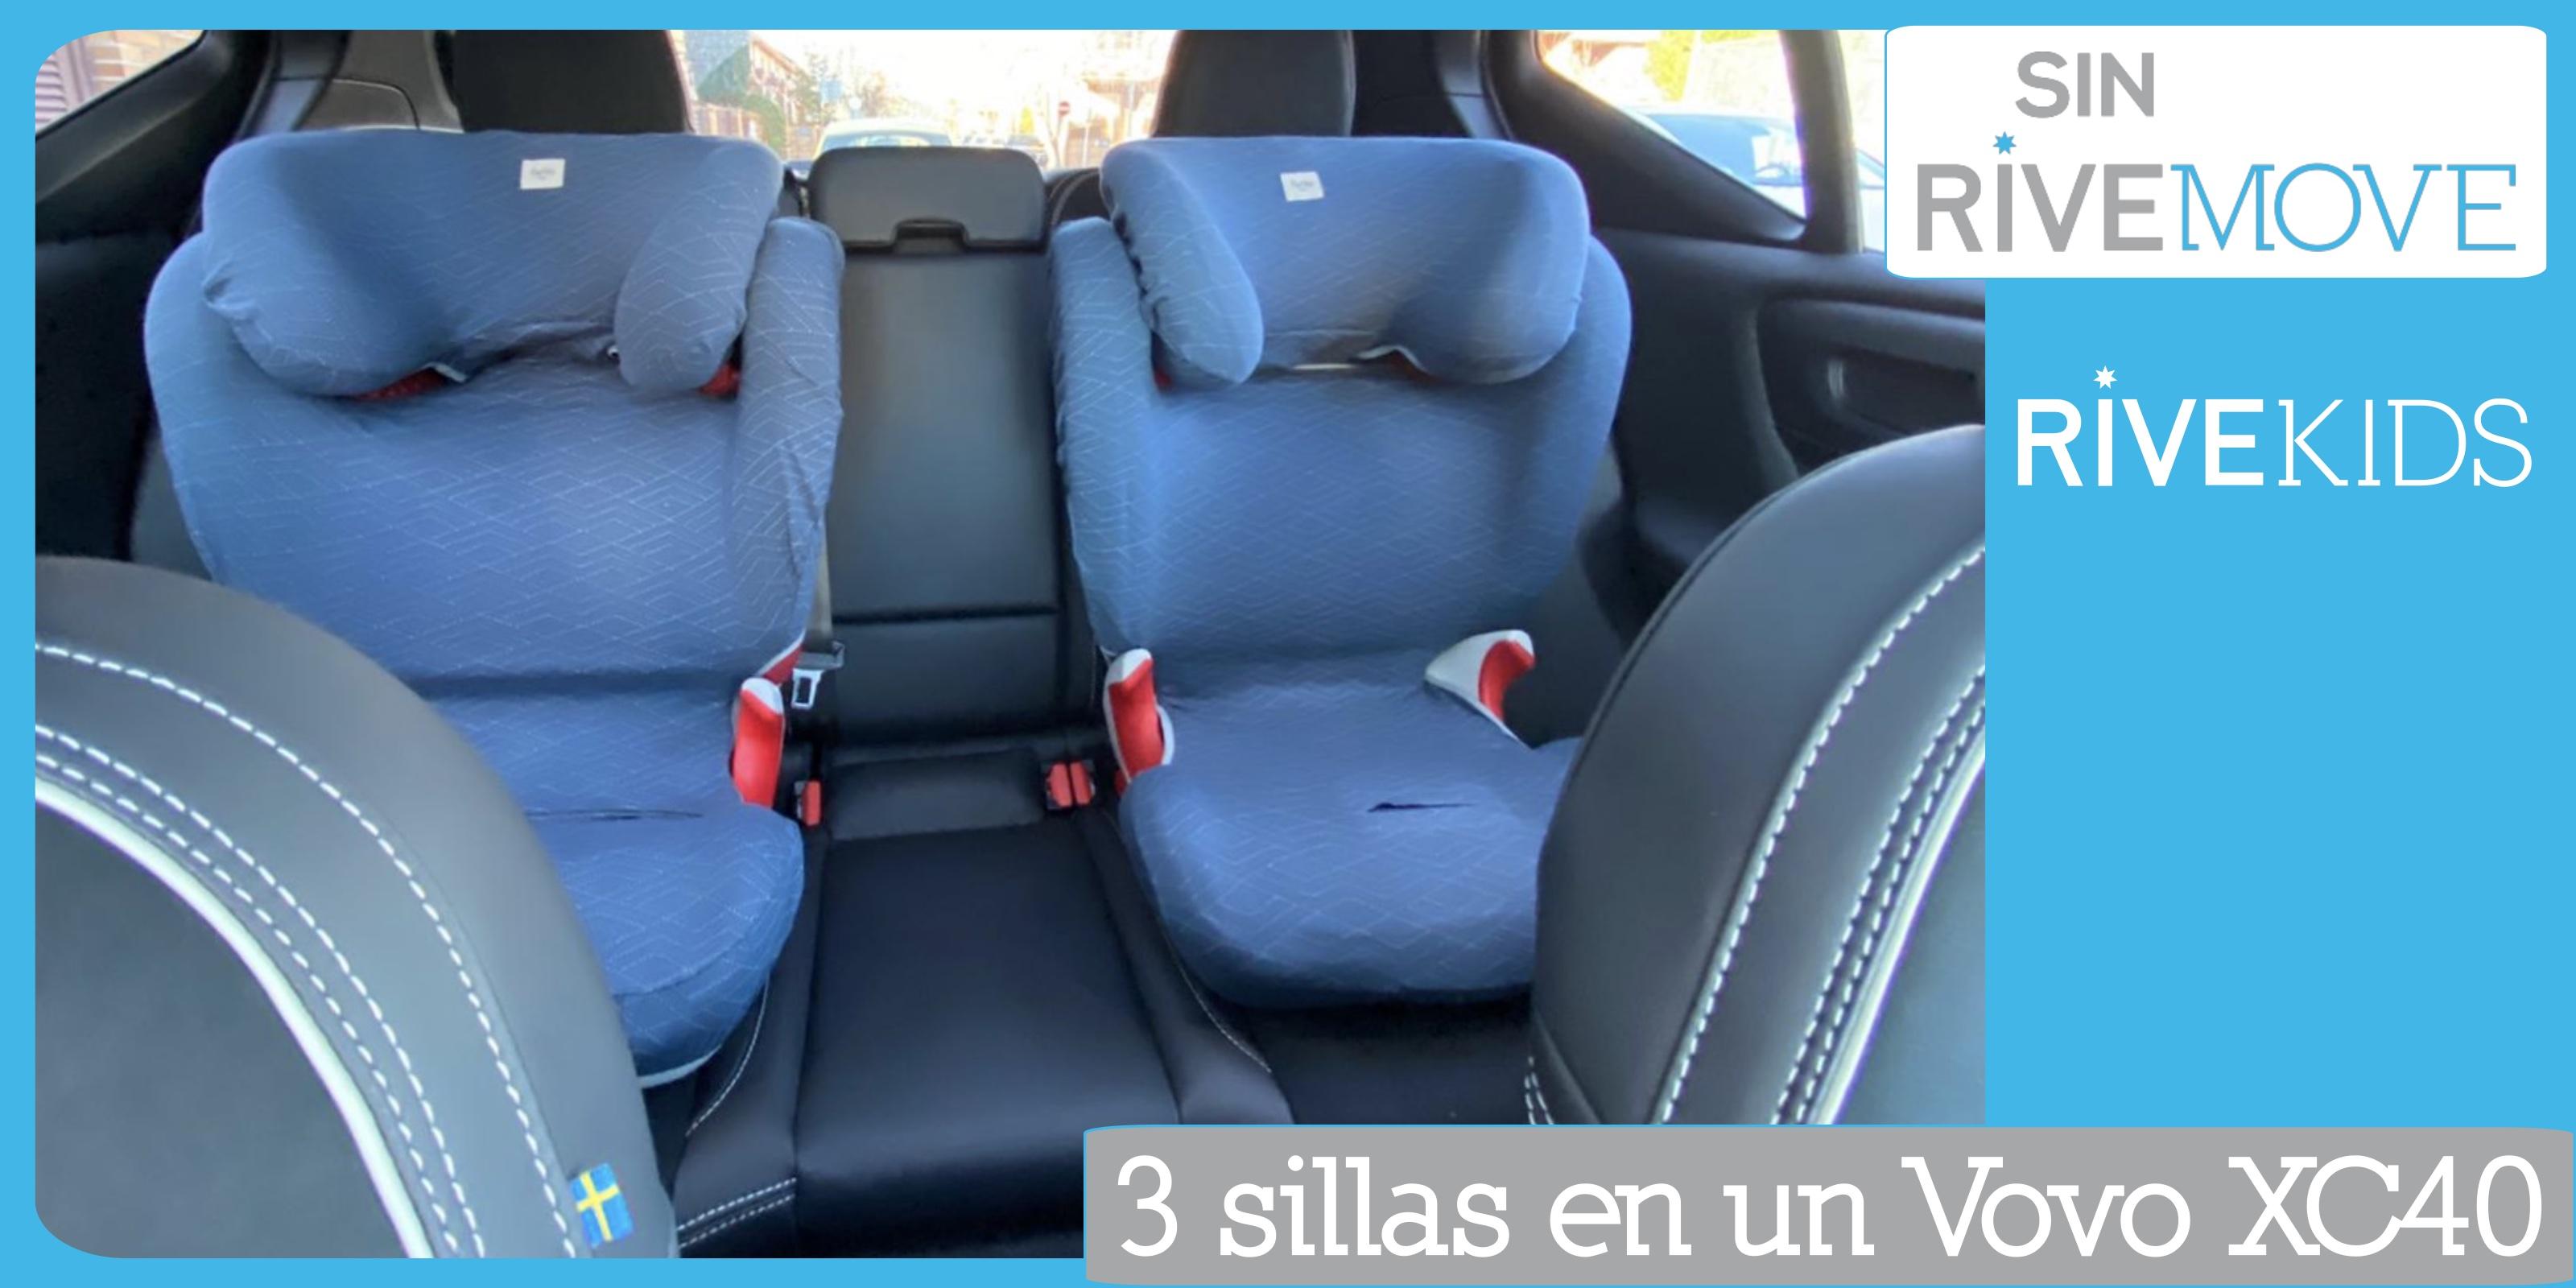 volvo_xc40_sillas_coche